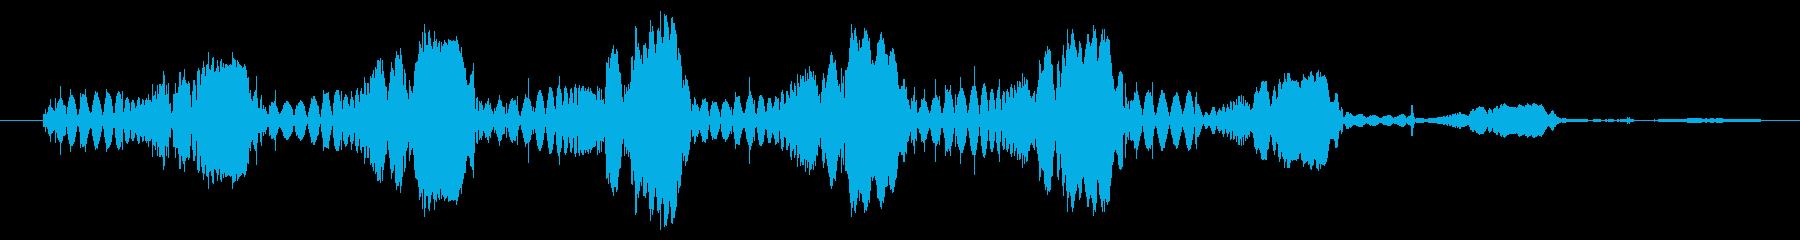 シンセ ショットテクノウォブルロー01の再生済みの波形